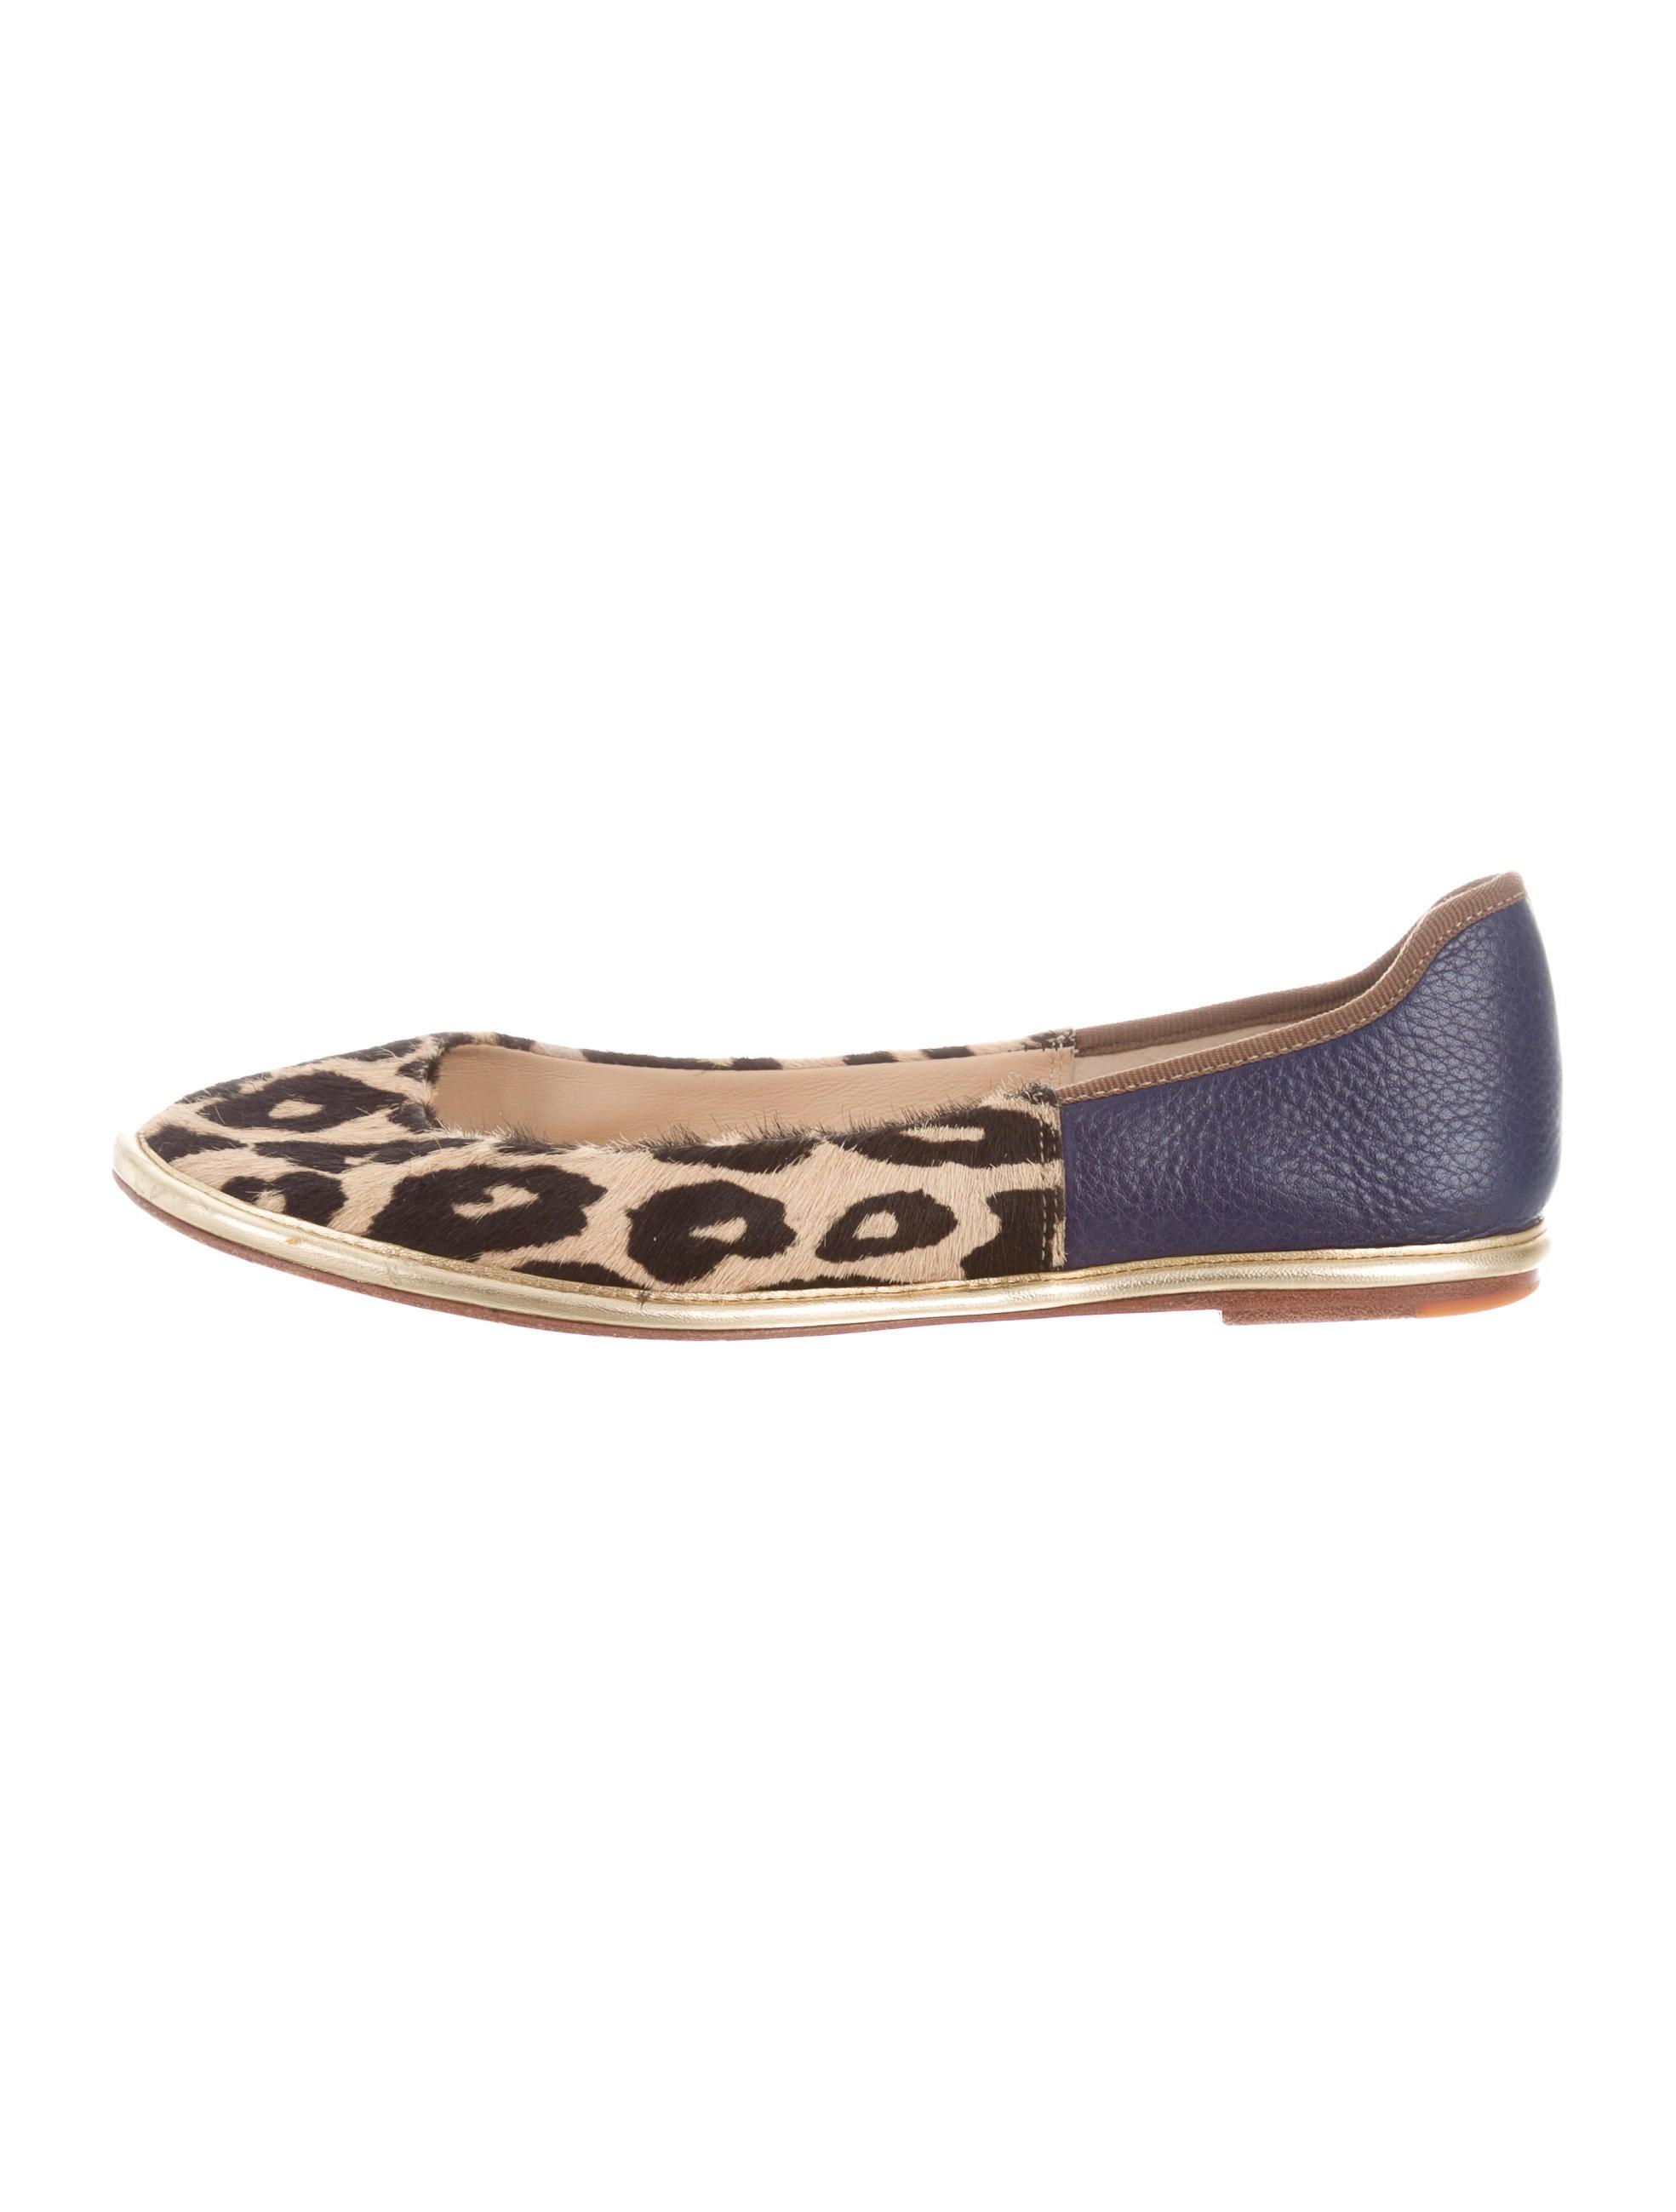 Diane von Furstenberg Ponyhair Round-Toe Flats discount newest cheap sale newest SHFgmx6Rl